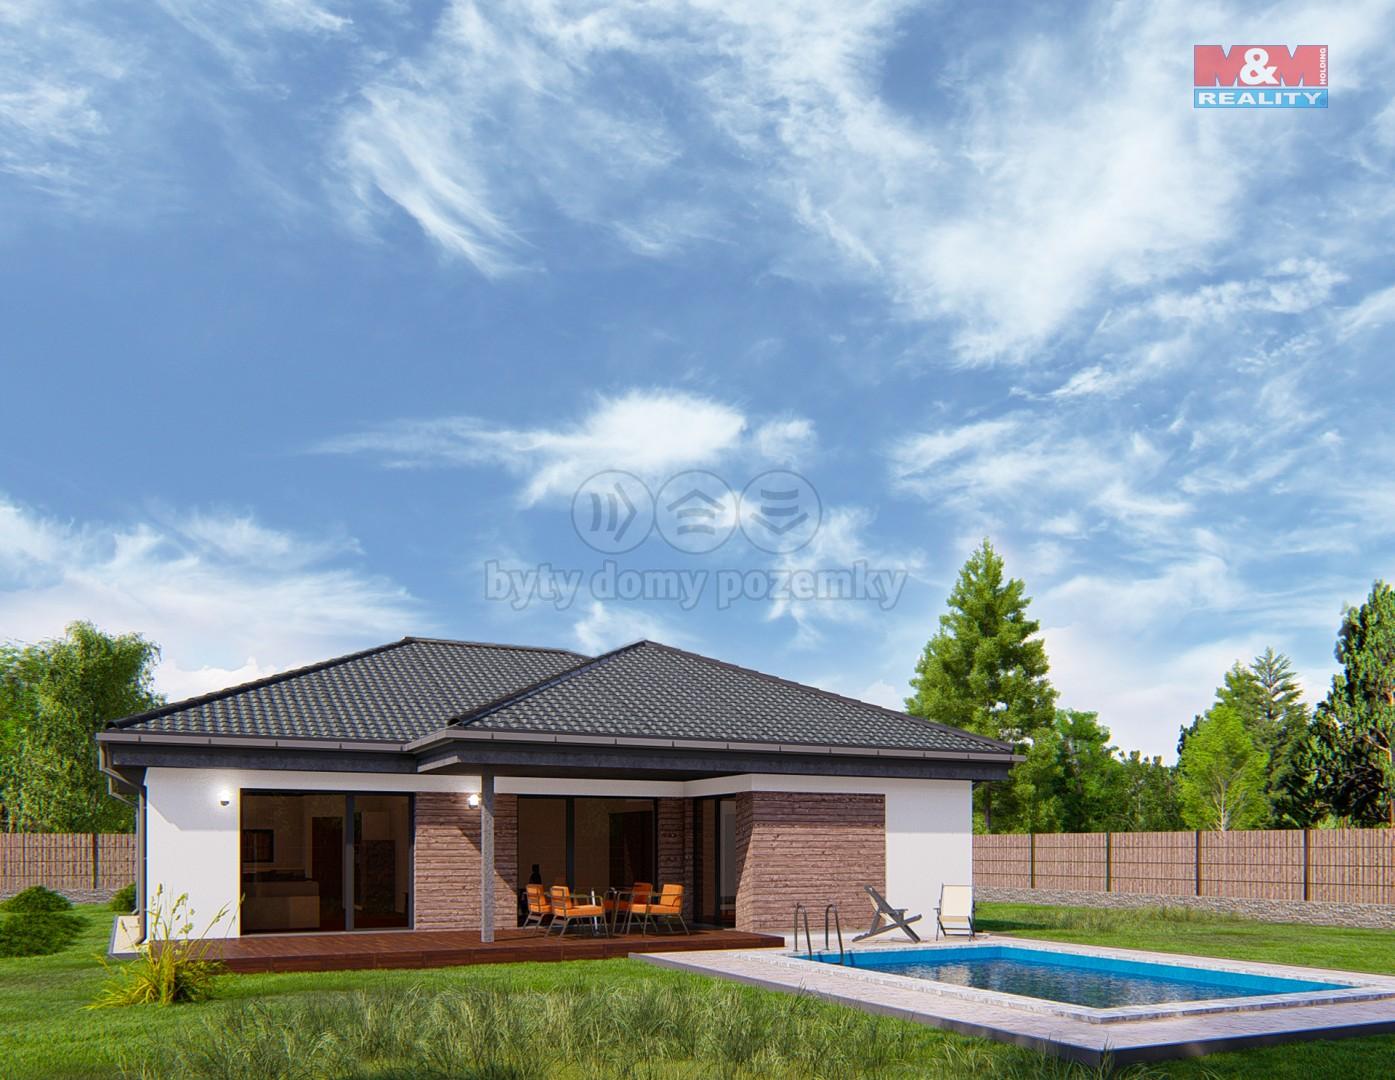 Prodej, rodinný dům ve výstavbě, Rudoltice